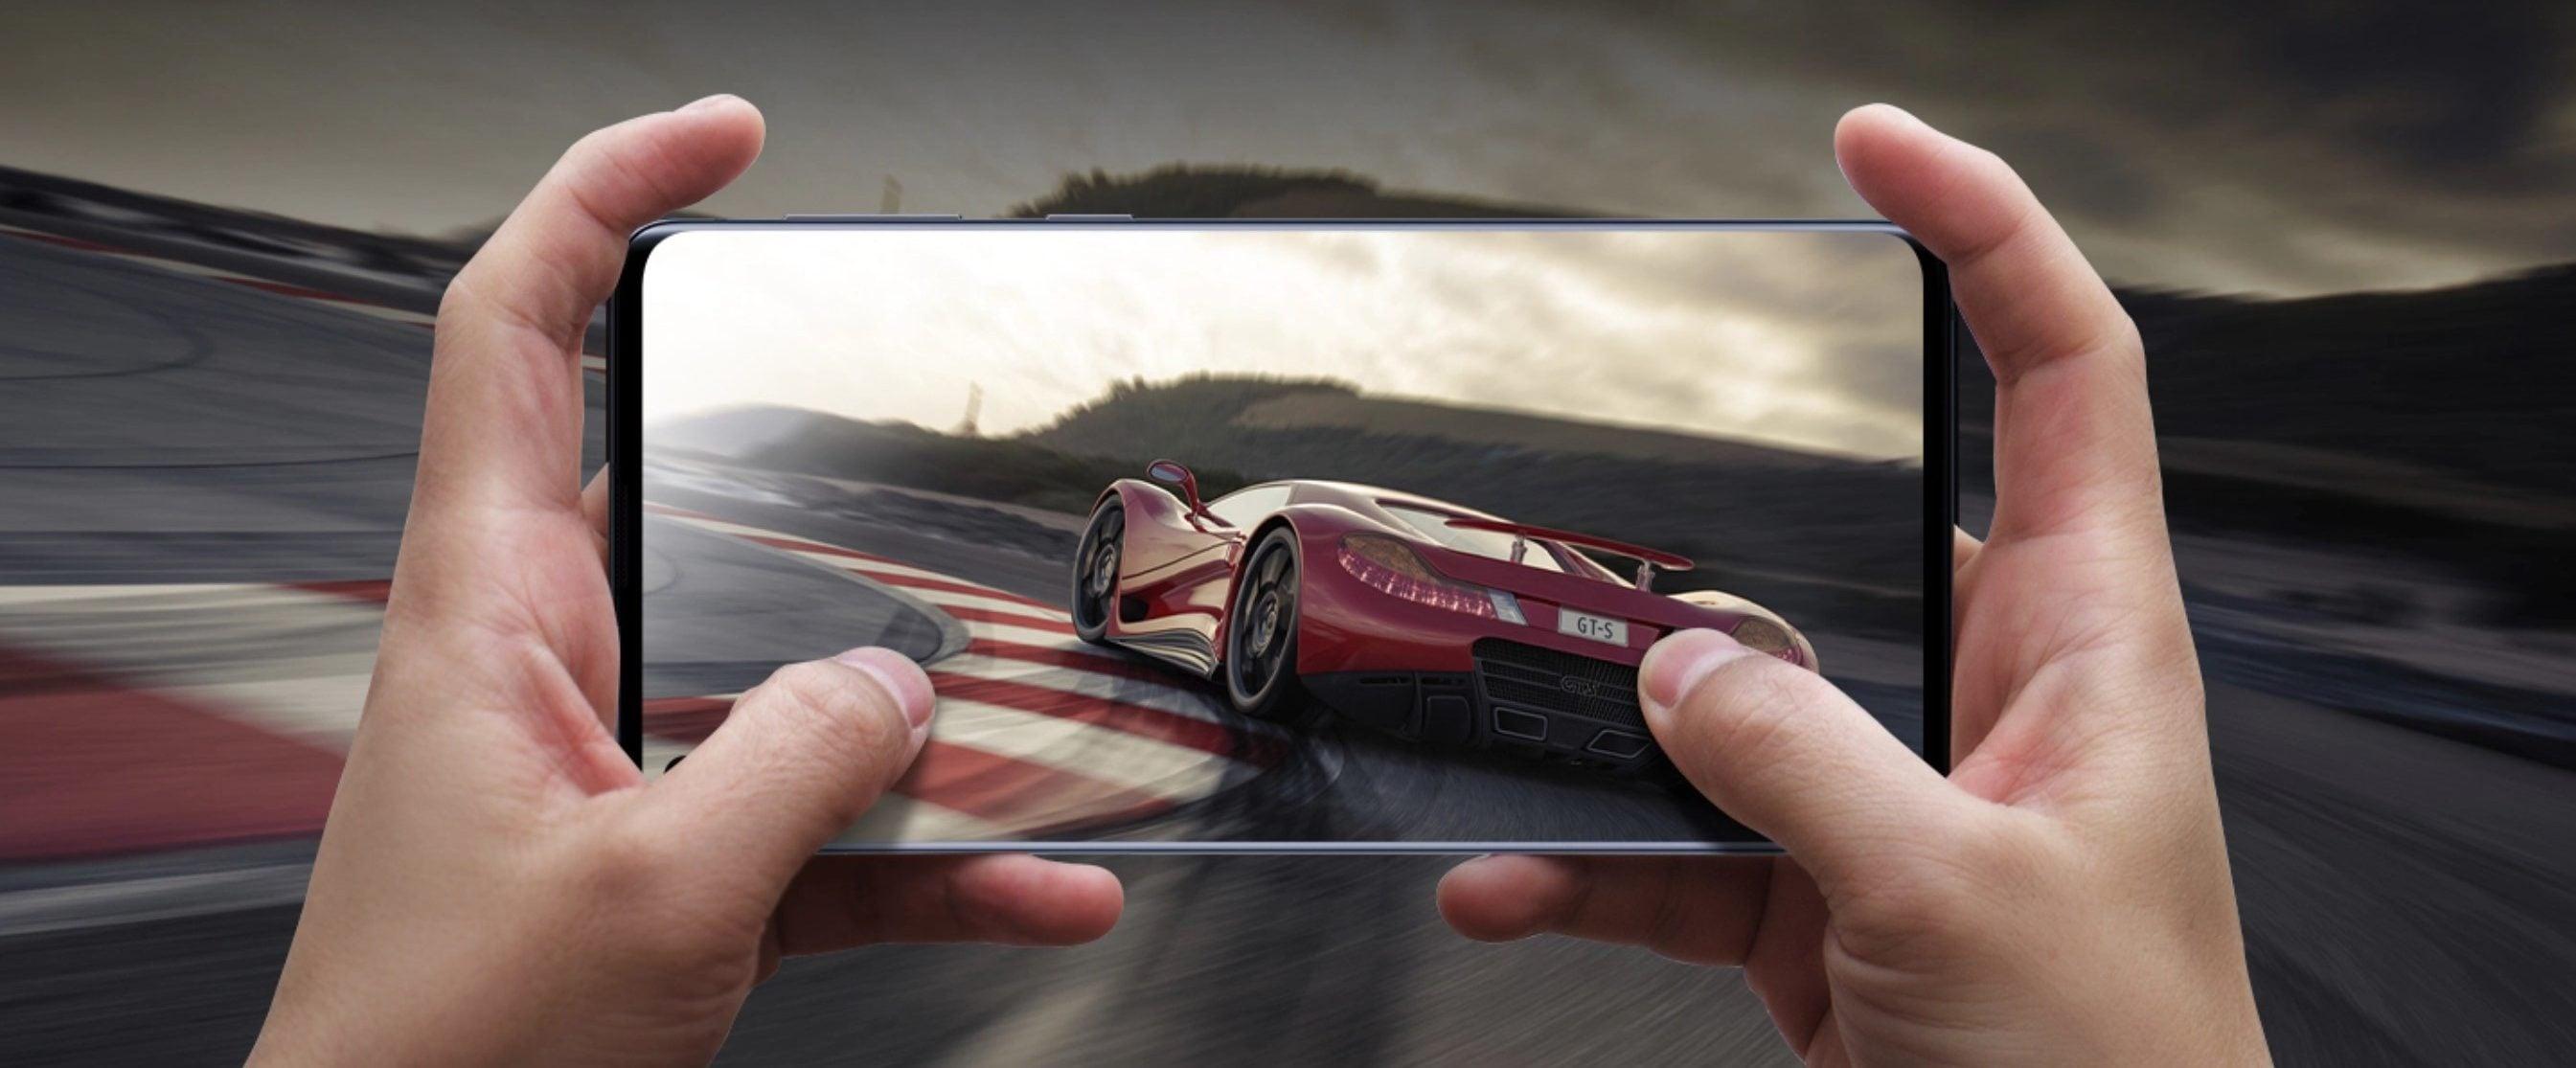 Samsung przedstawia procesor przeznaczony dla większości smartfonów Galaxy Note 10